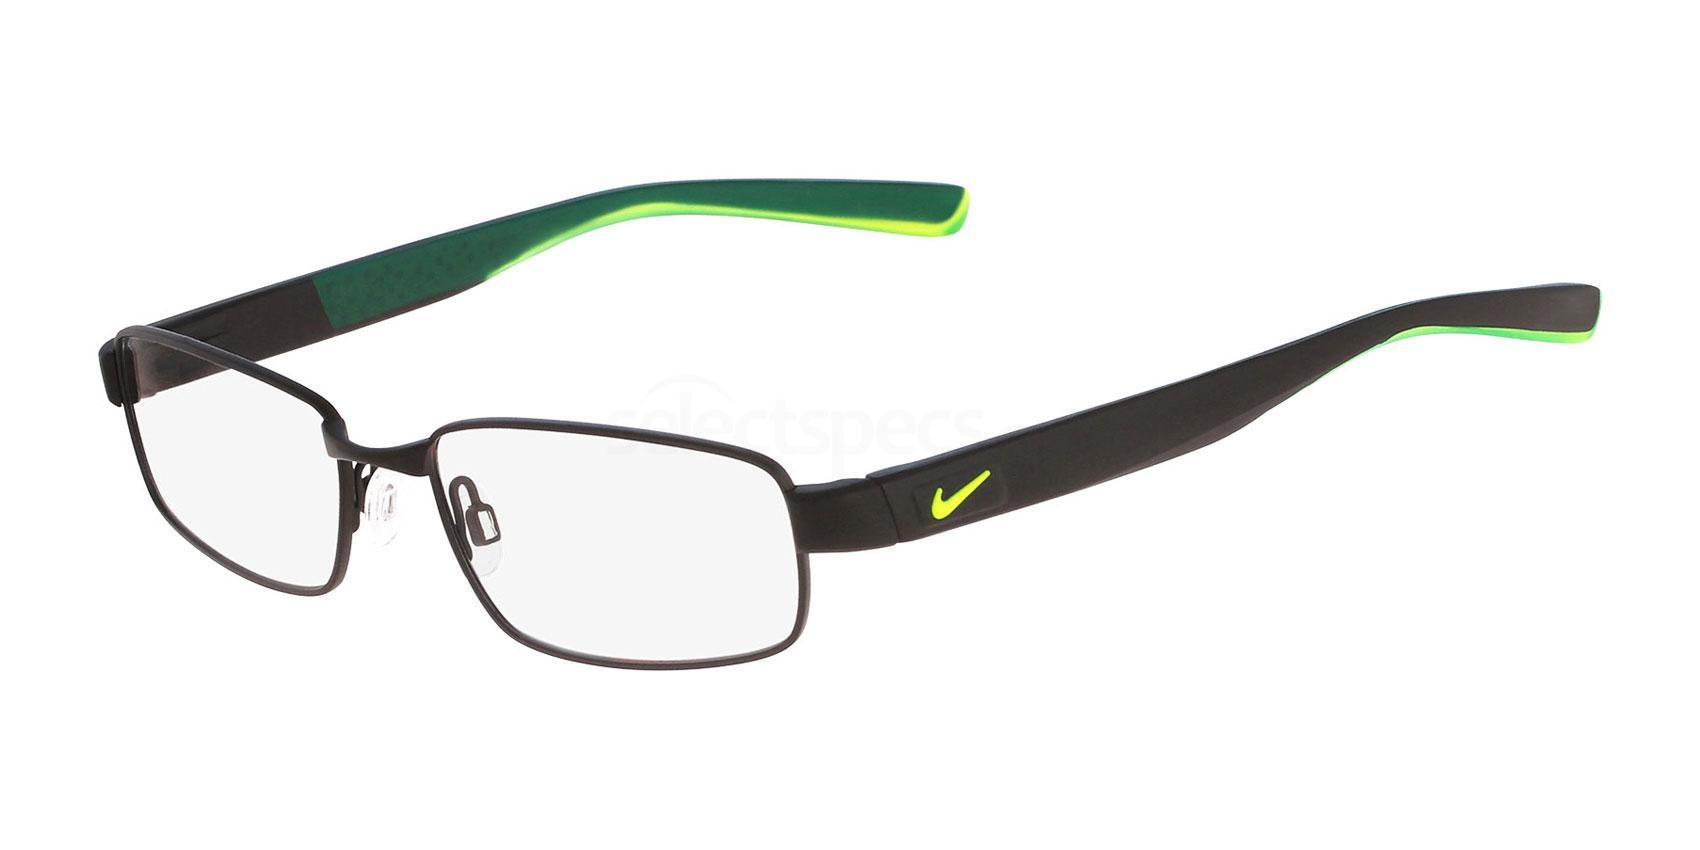 010 8168 Glasses, Nike